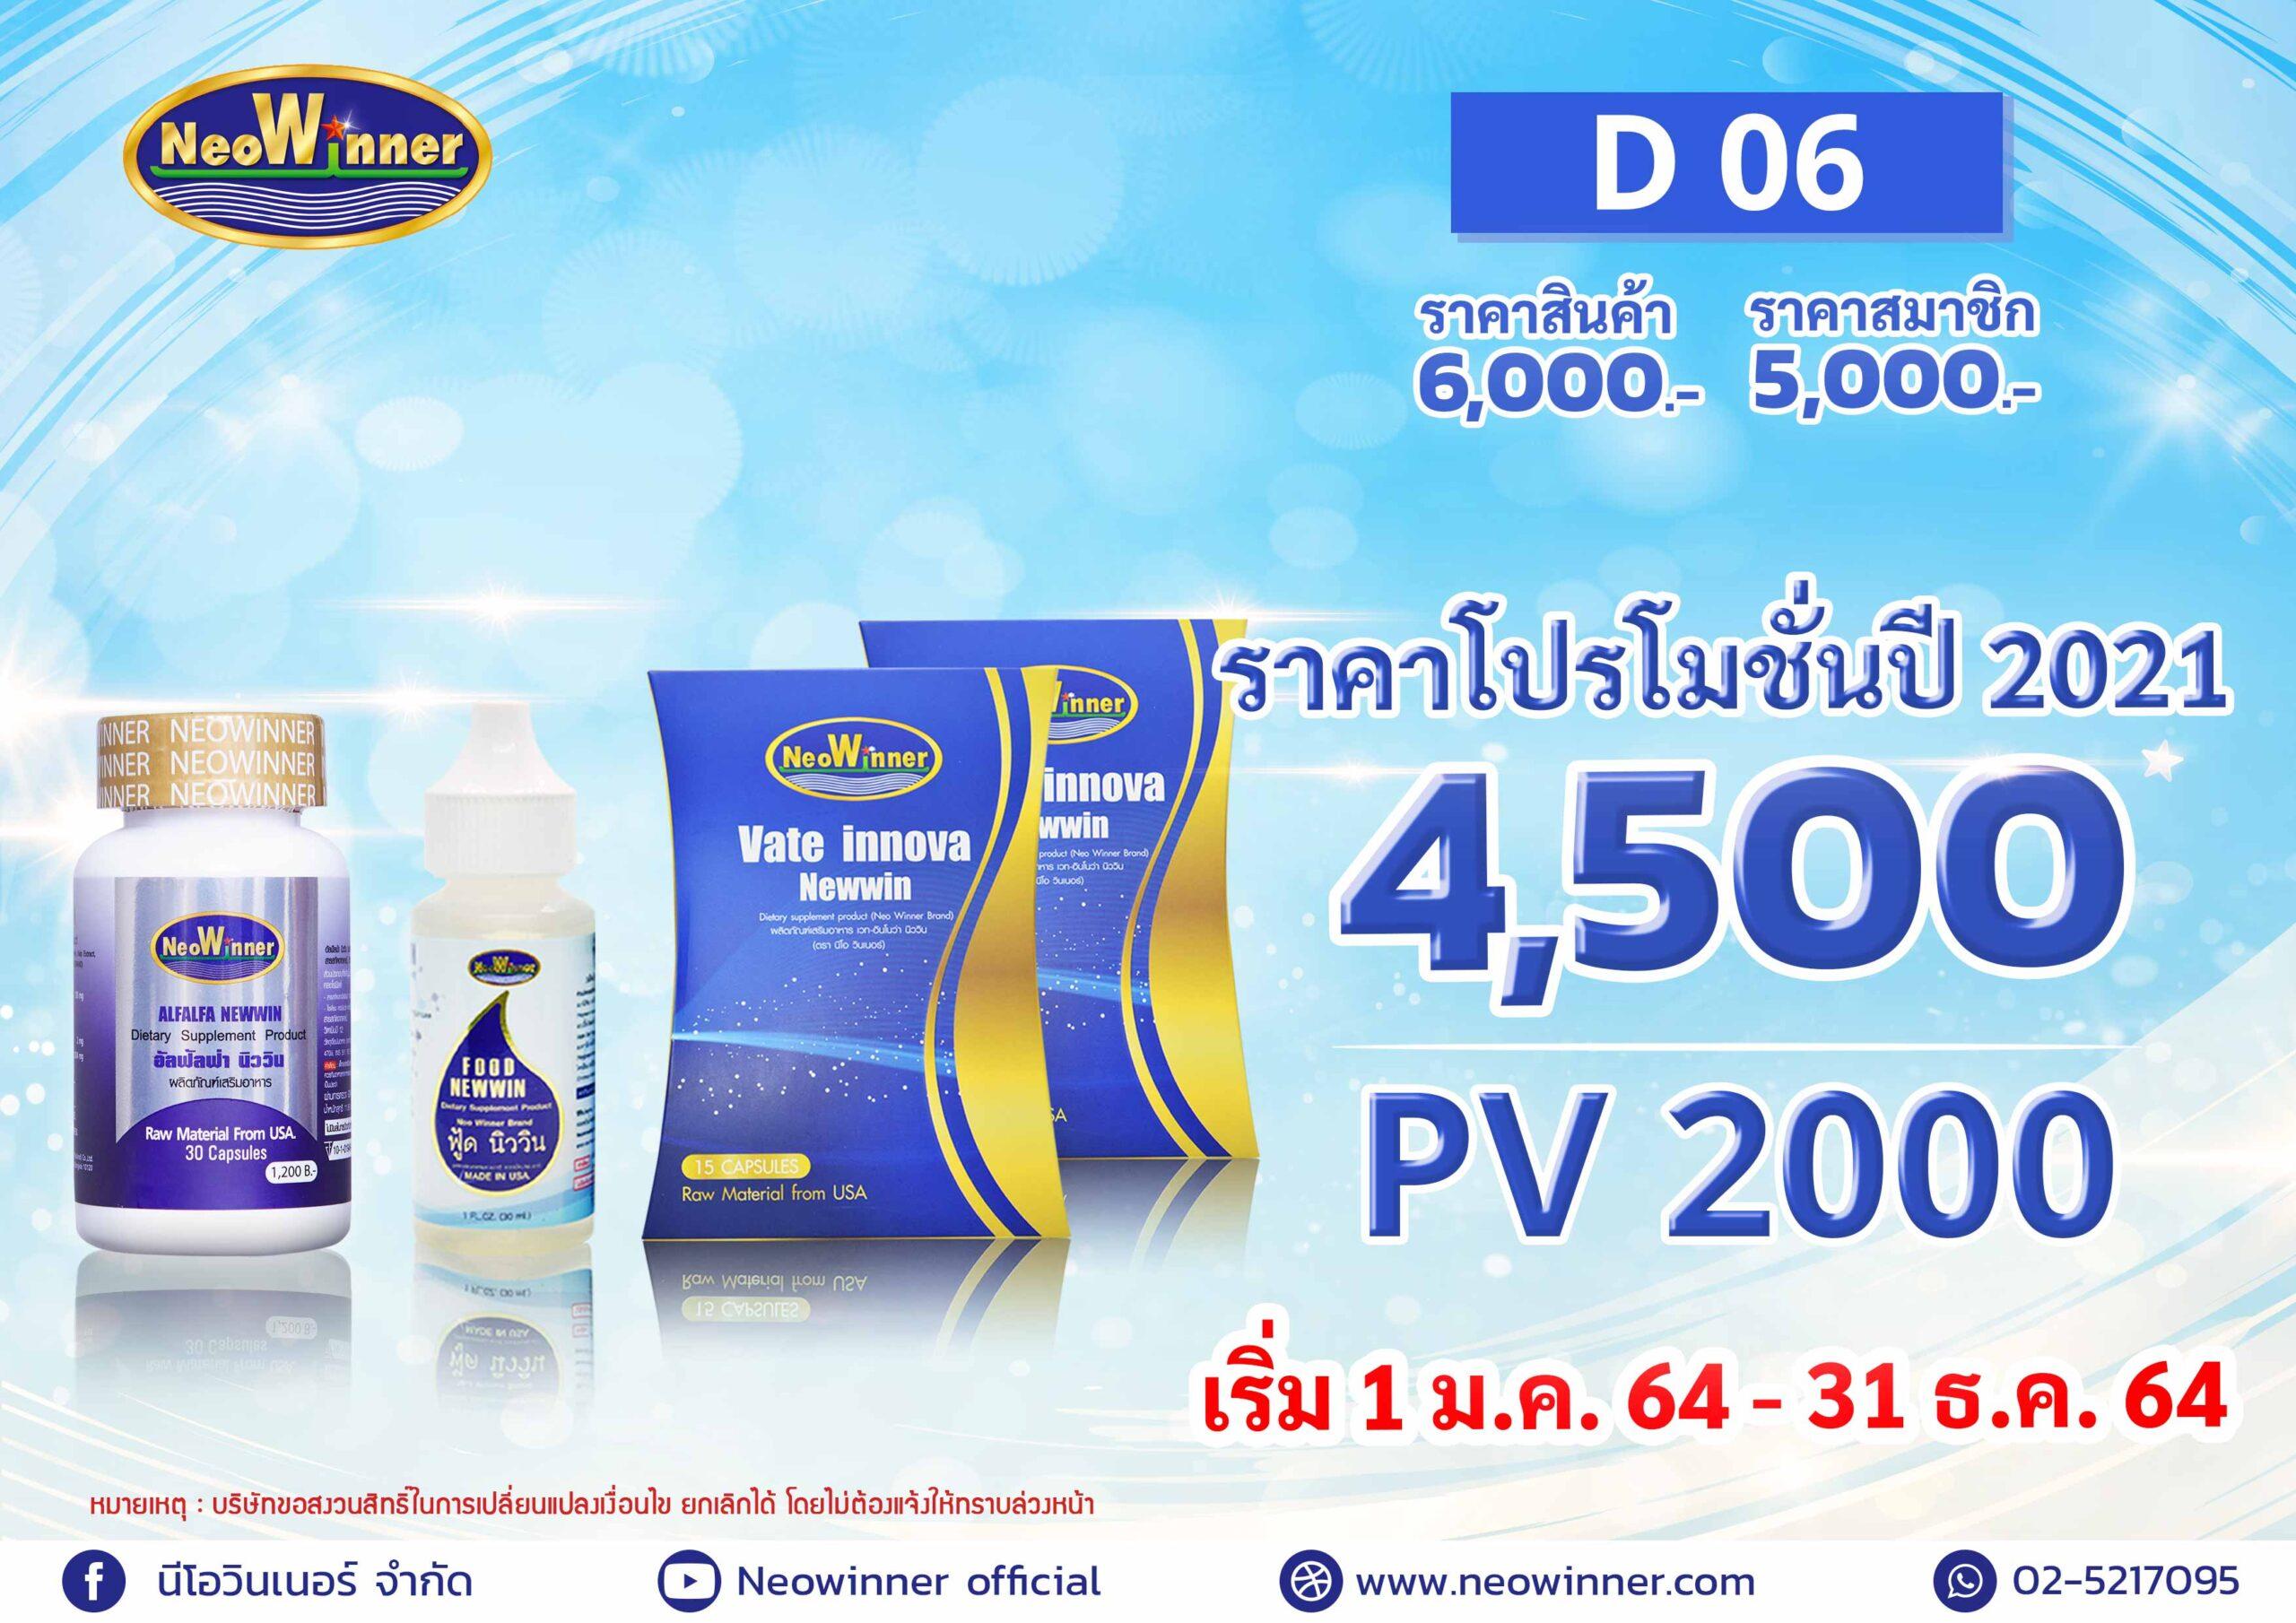 Promotion-D-06-2021